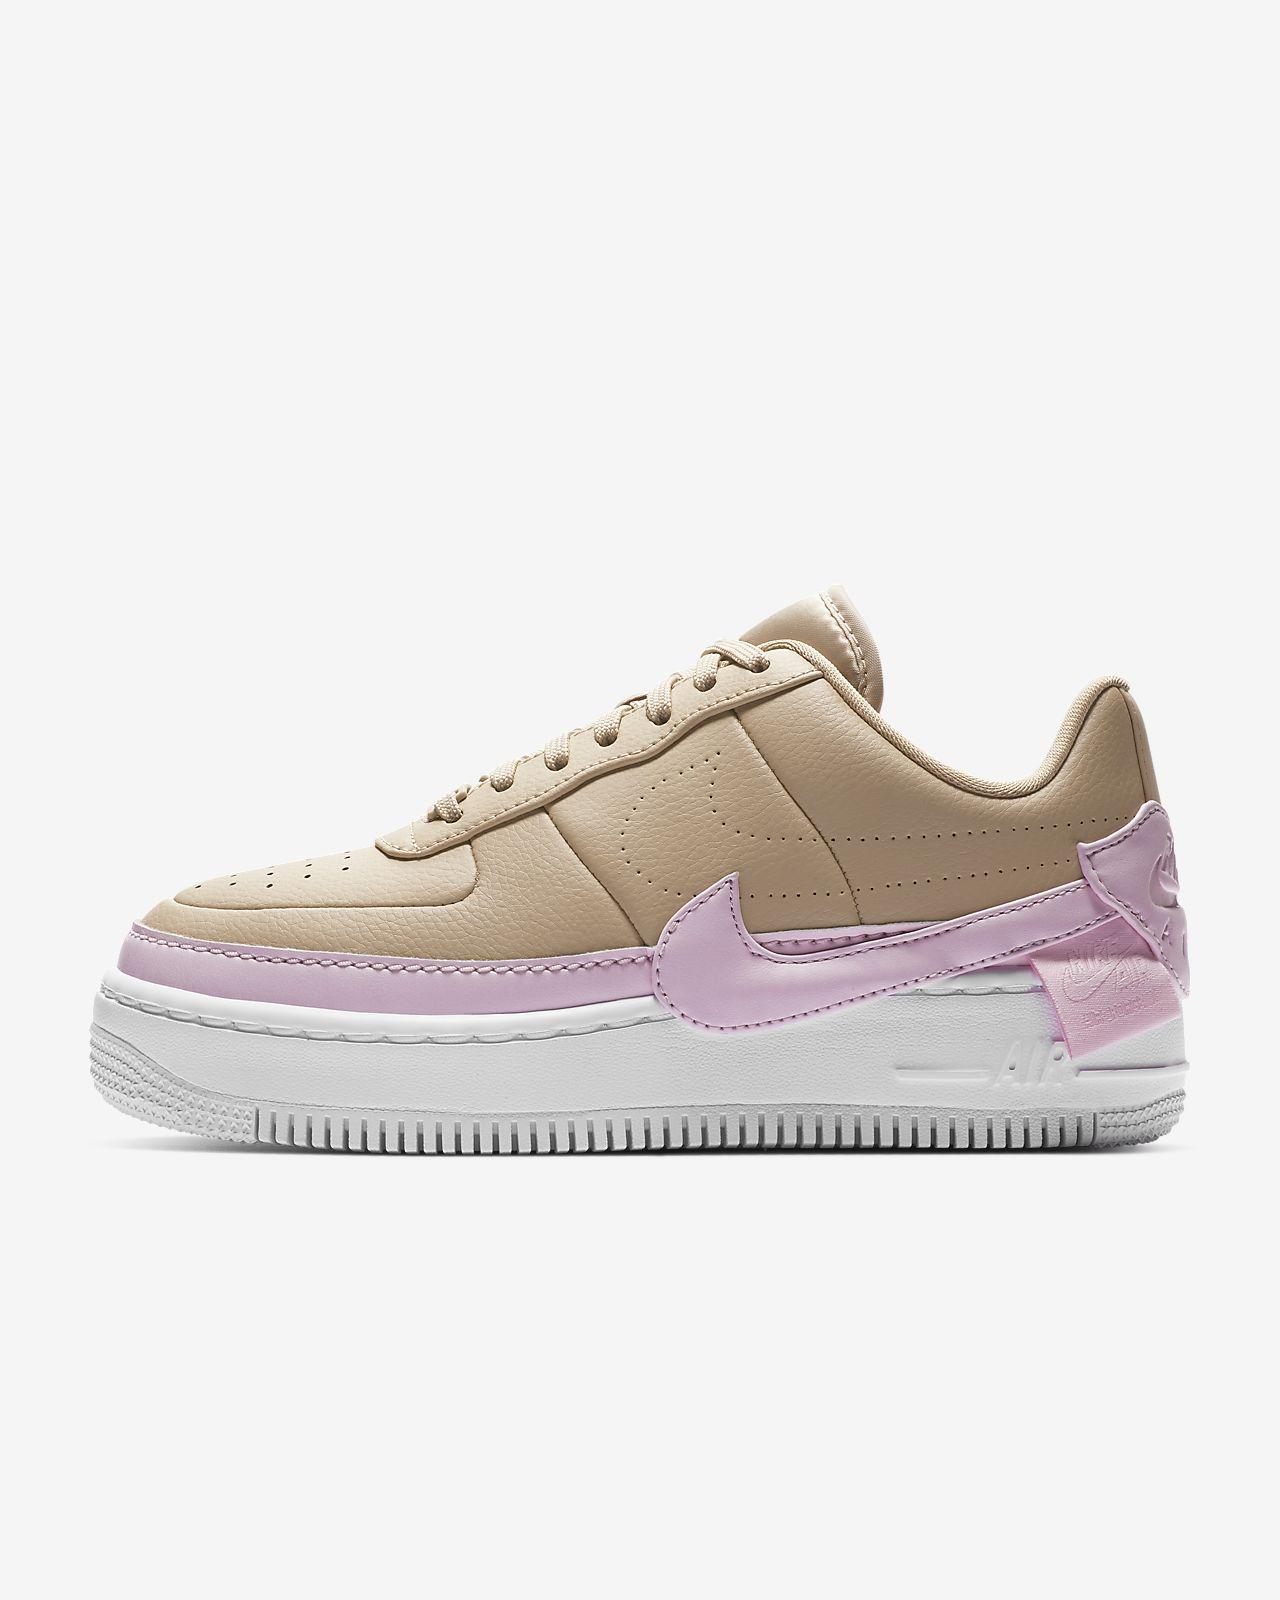 nike air force 1 femme beige